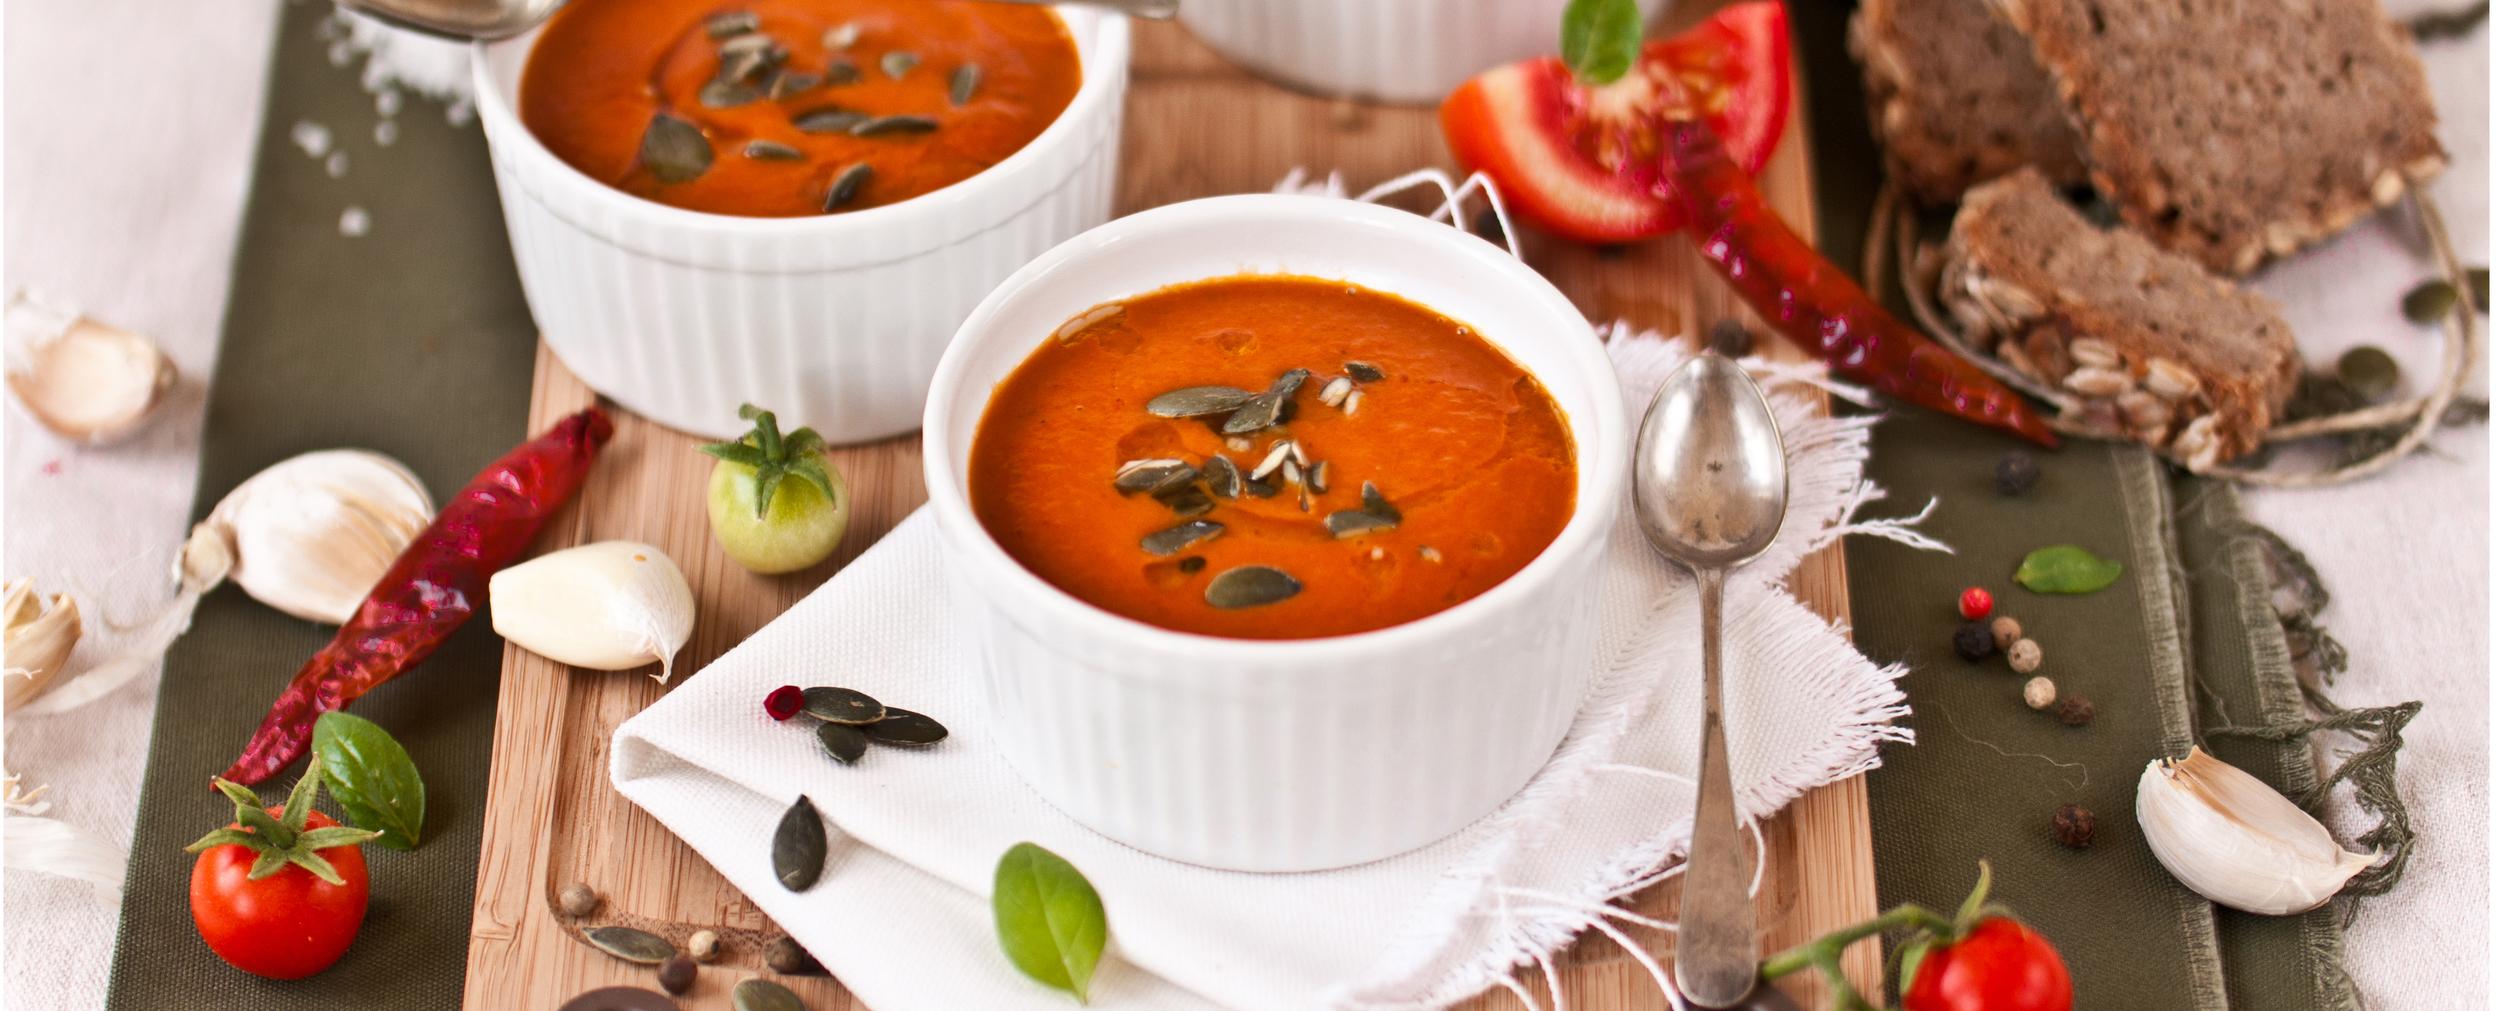 roasted tomato& harissa soup